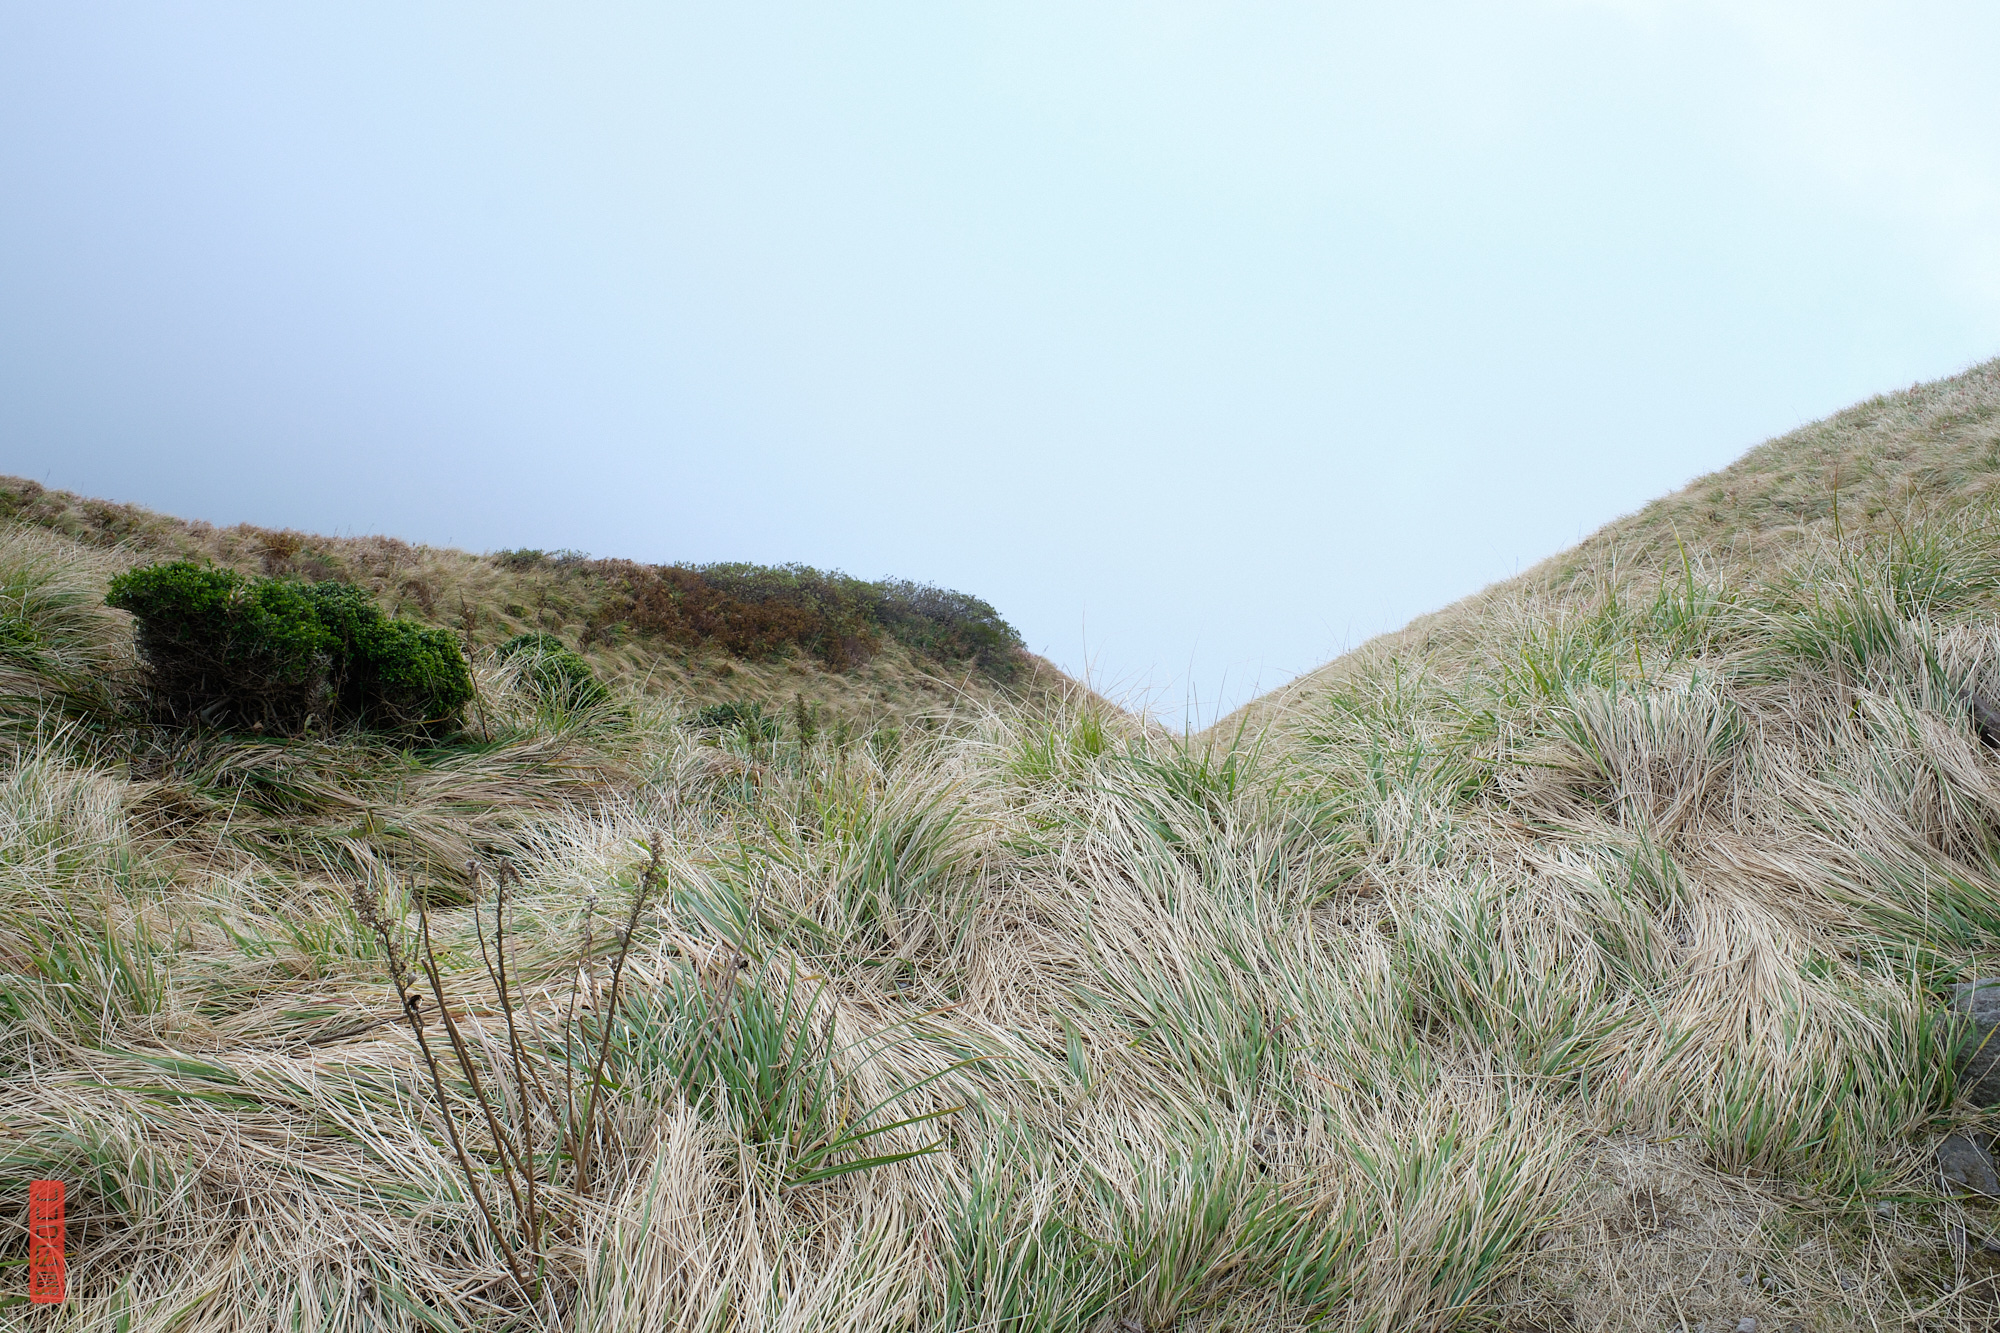 Sommet du mont Daisen